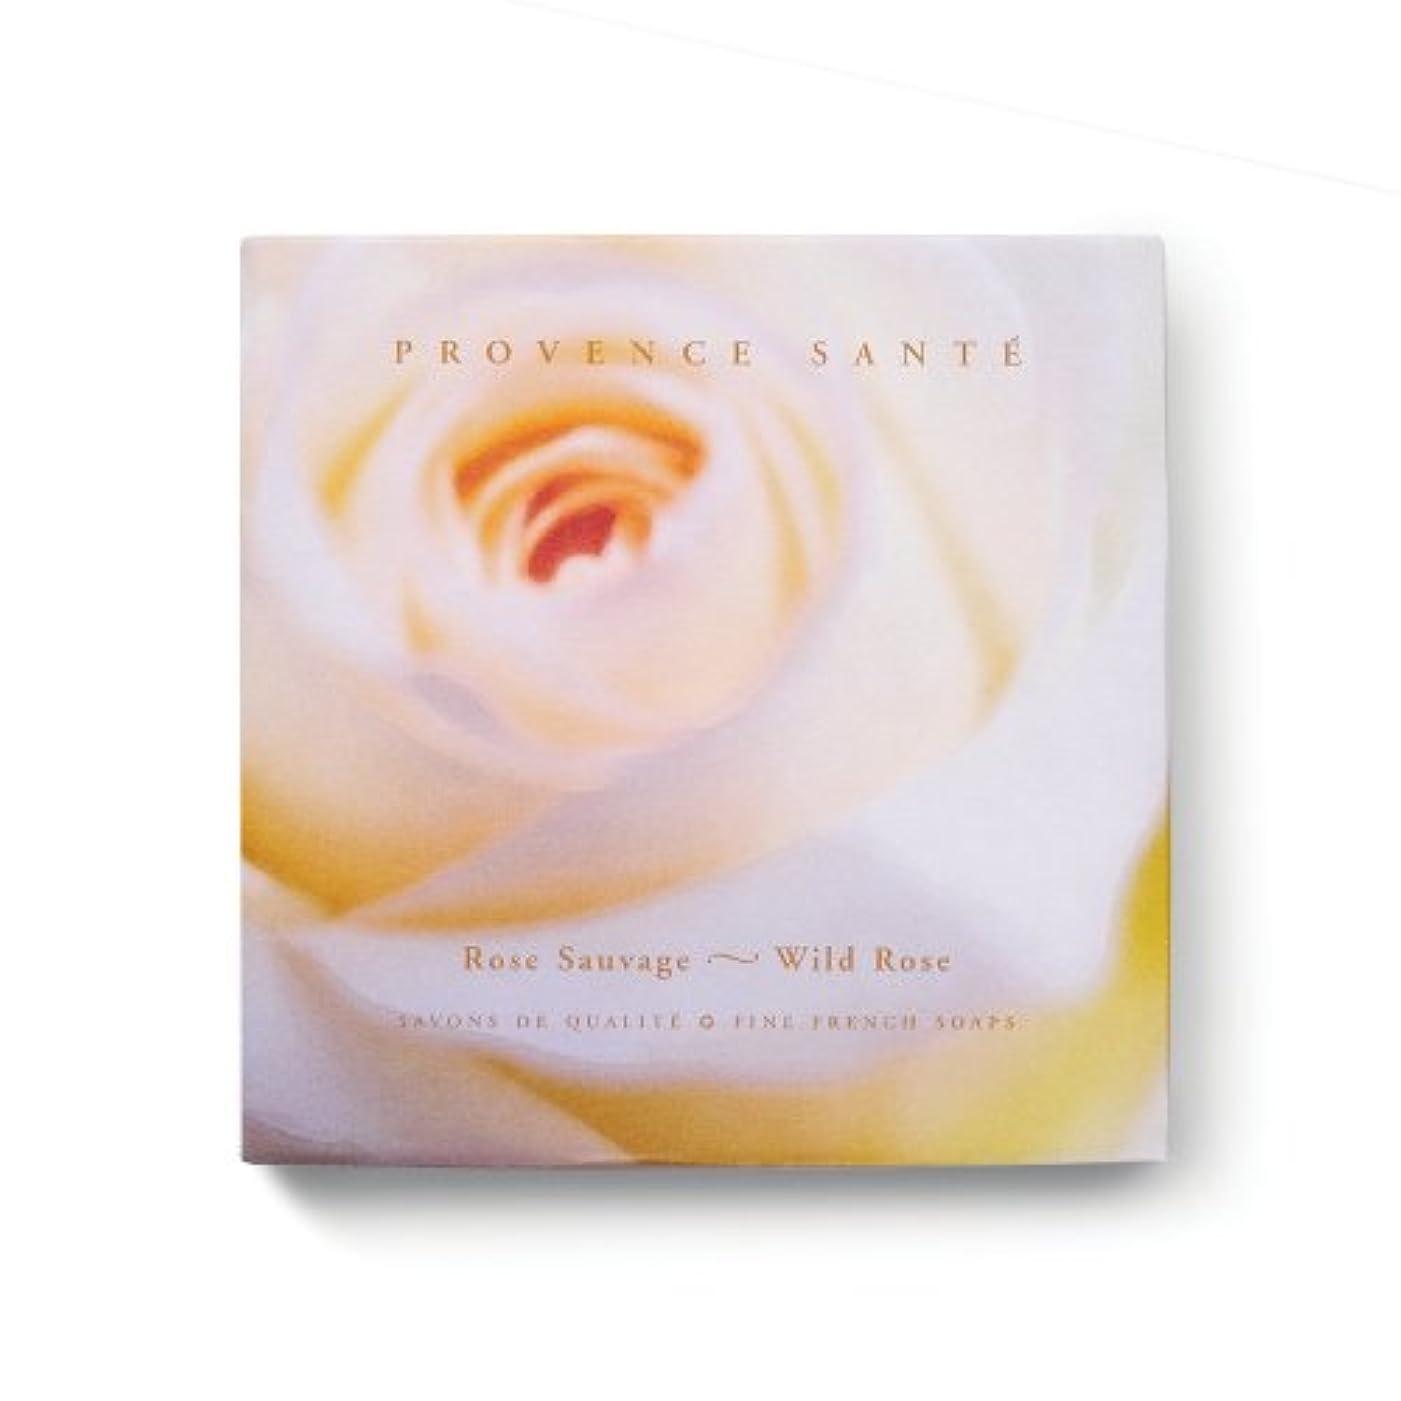 作者変わる気球Provence Sante PS Gift Soap Wild Rose, 2.7oz 4 Bar Gift Box by Provence Sante [並行輸入品]